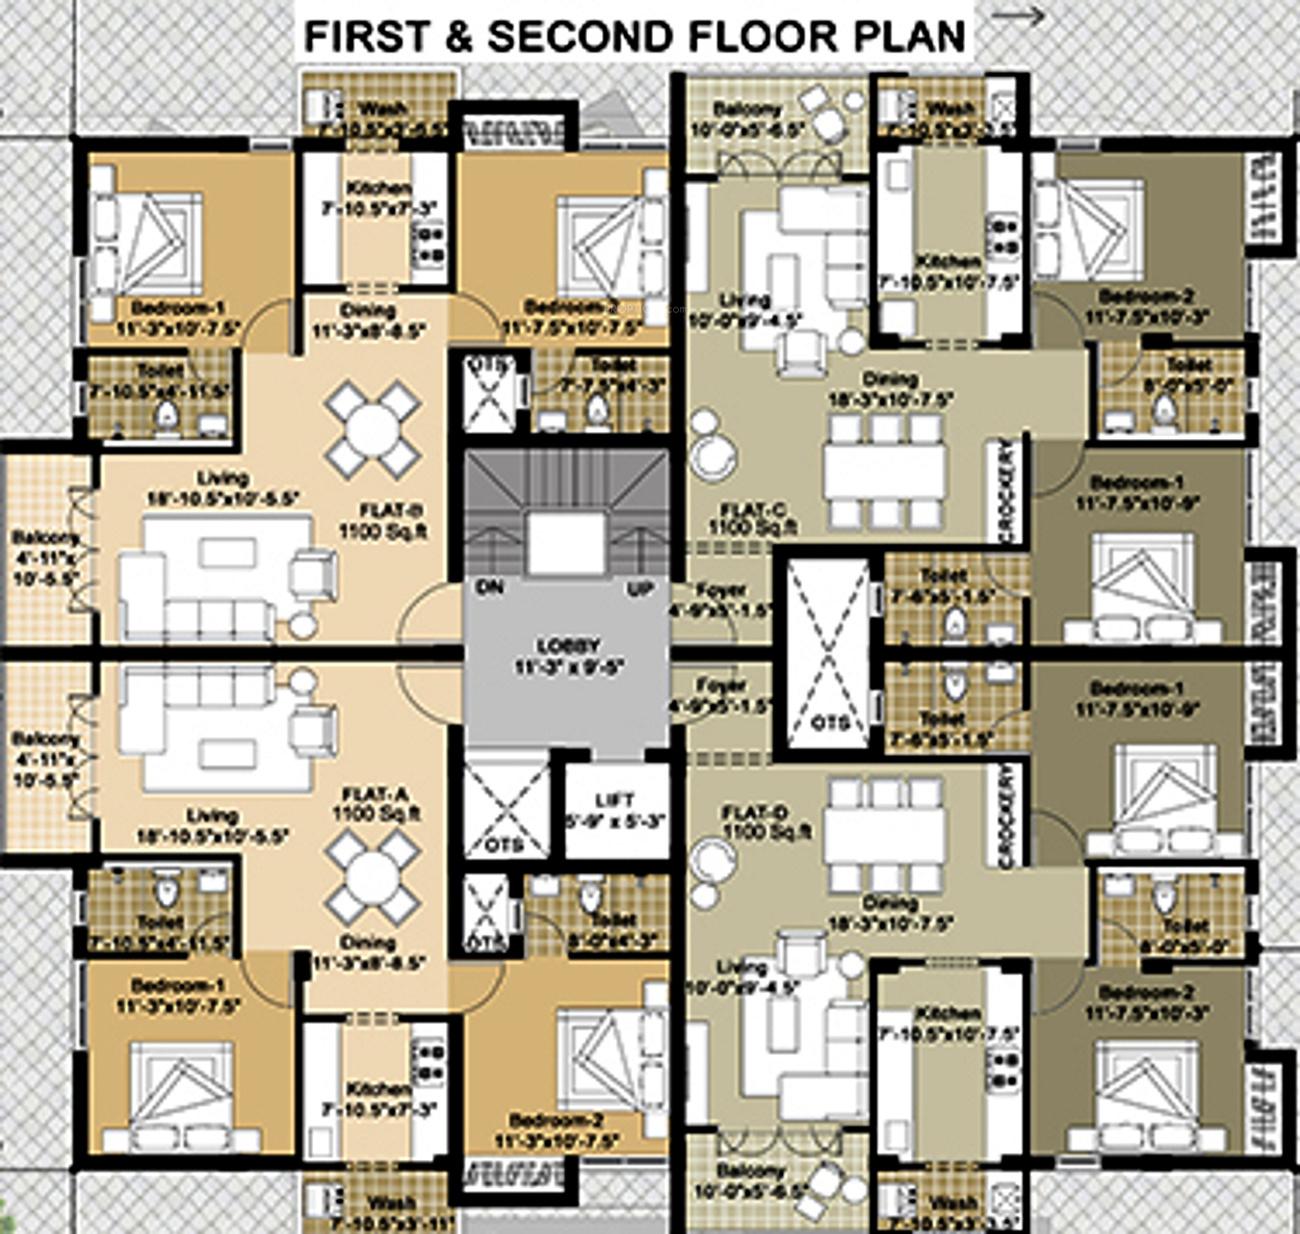 Gatala jalandhara residency in virugambakkam chennai for X2 residency floor plan